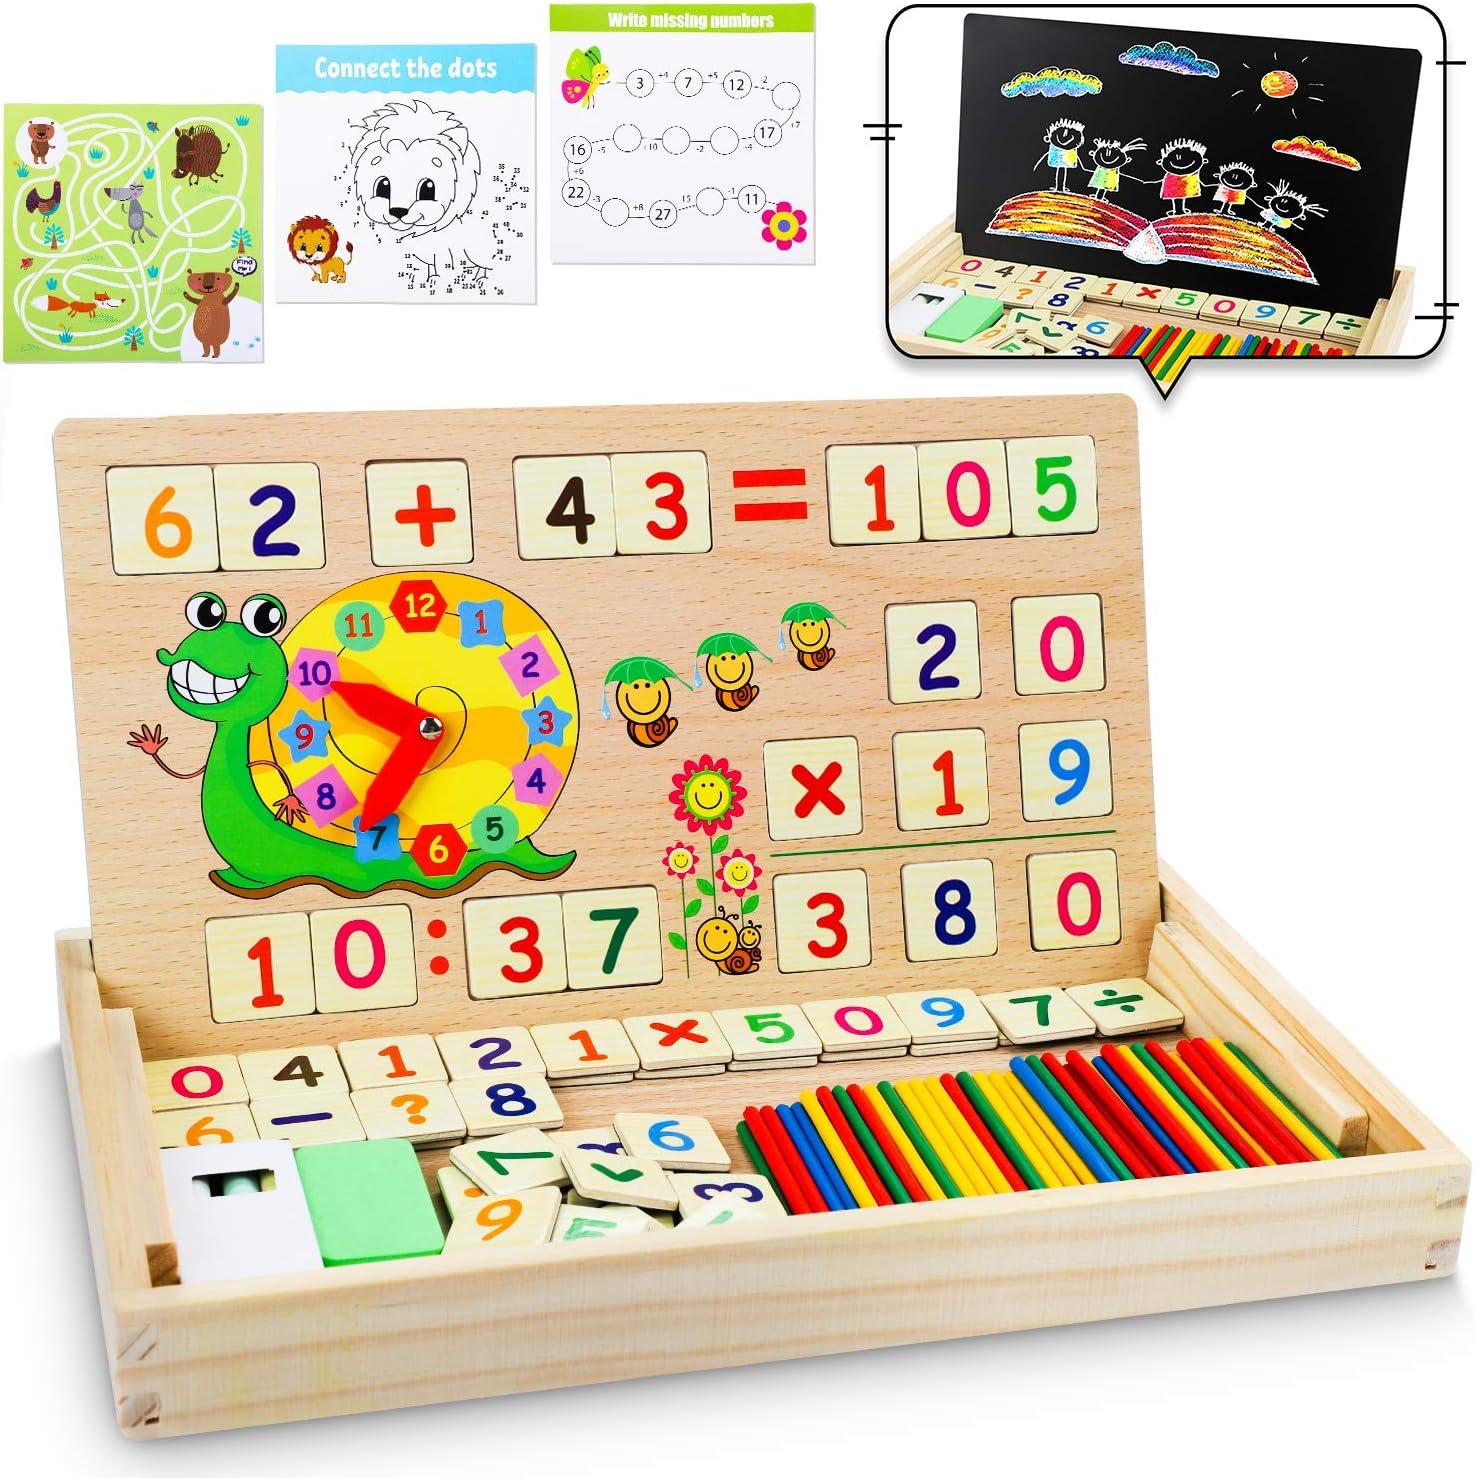 lenbest Matemáticas & Reloj Juguetes Caja Madera, Juguete Montessori Multifuncional de Reloj+ Operación Matemática+ Pintura , con Pizarra Magnética y 3 Tarjetas Matemáticas para Educación Temprana